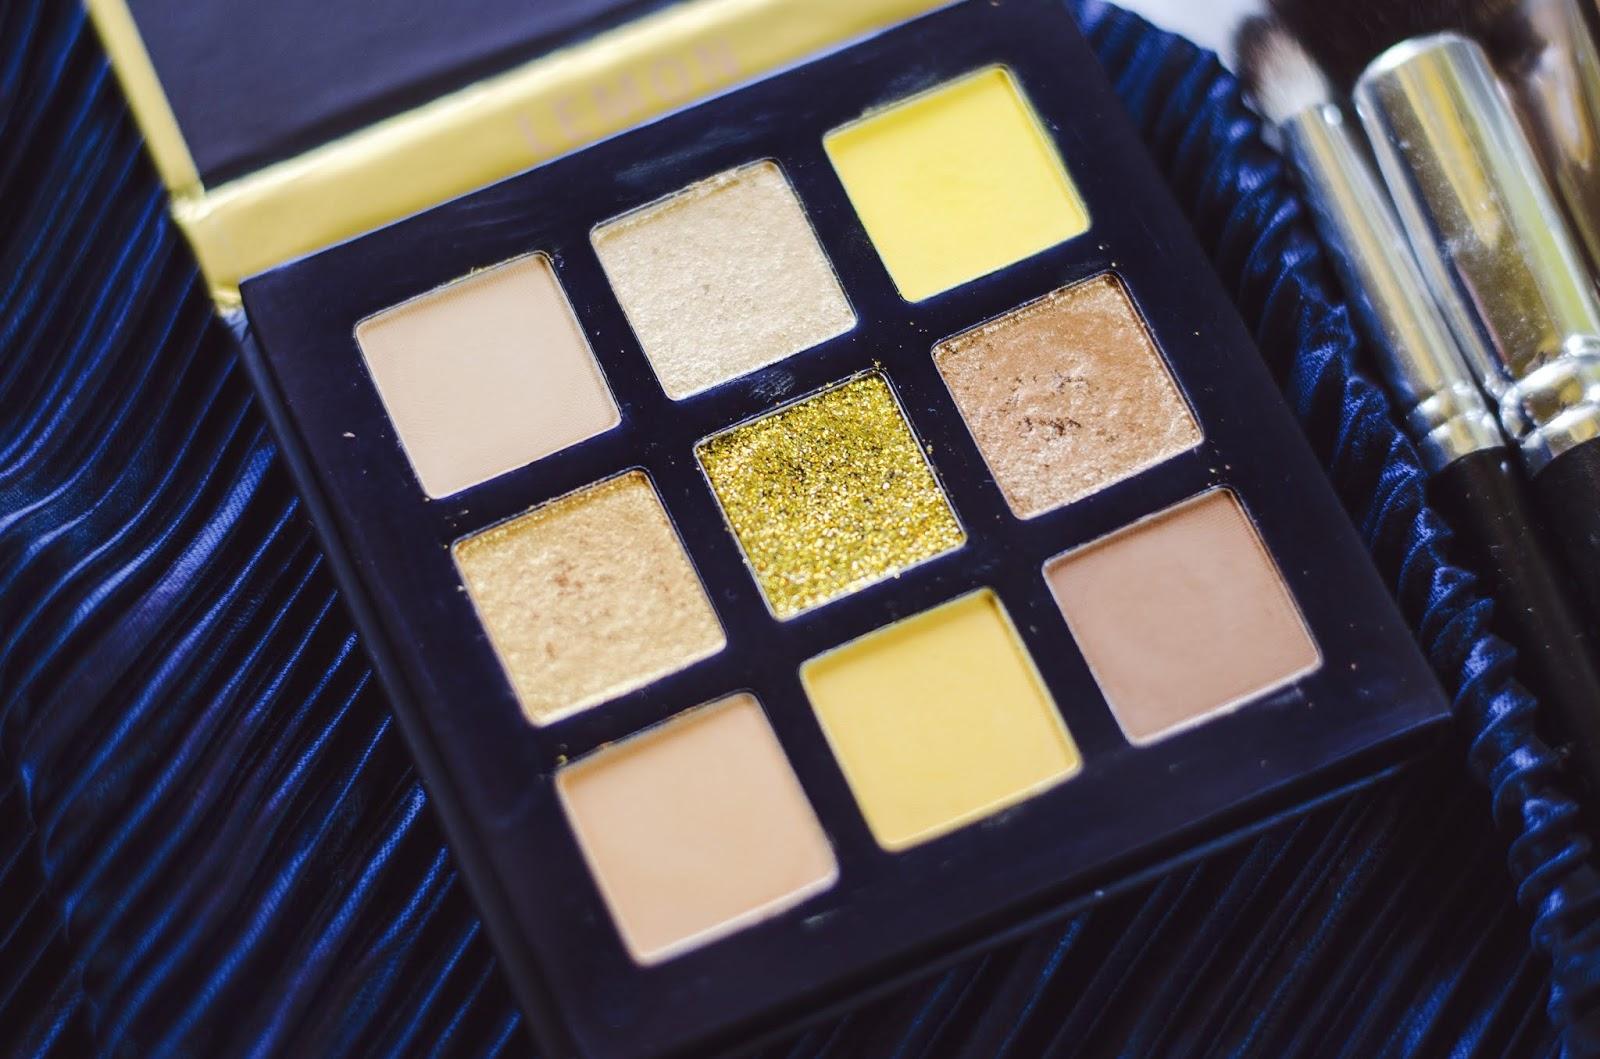 Beauty Glazed cruelty free 2020 LEMON yellow eyeshadow palette detail